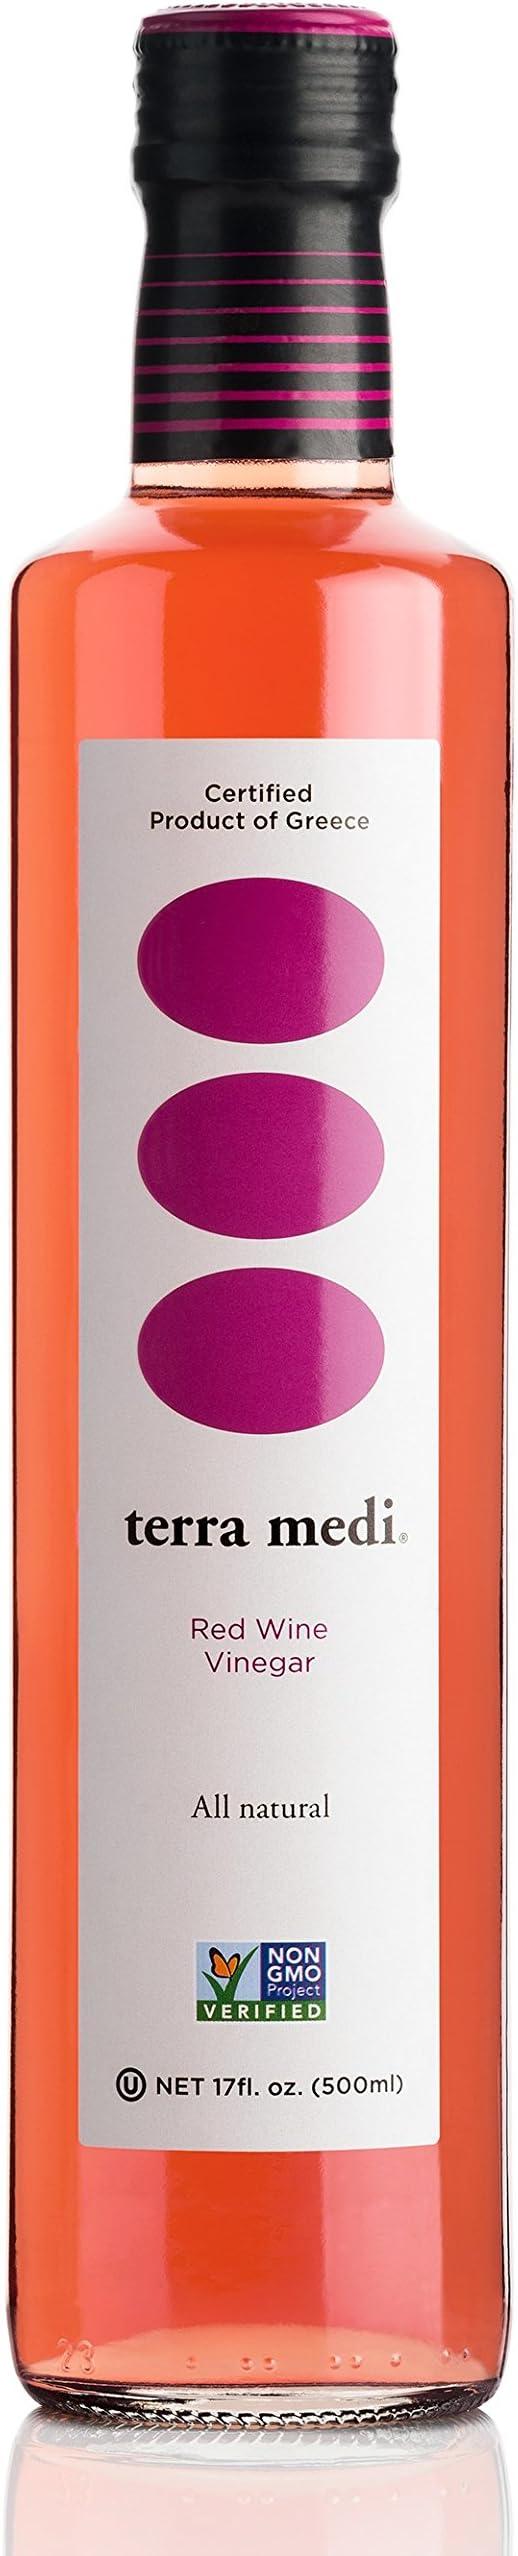 Terra Medi Greek Red Wine Vinegar